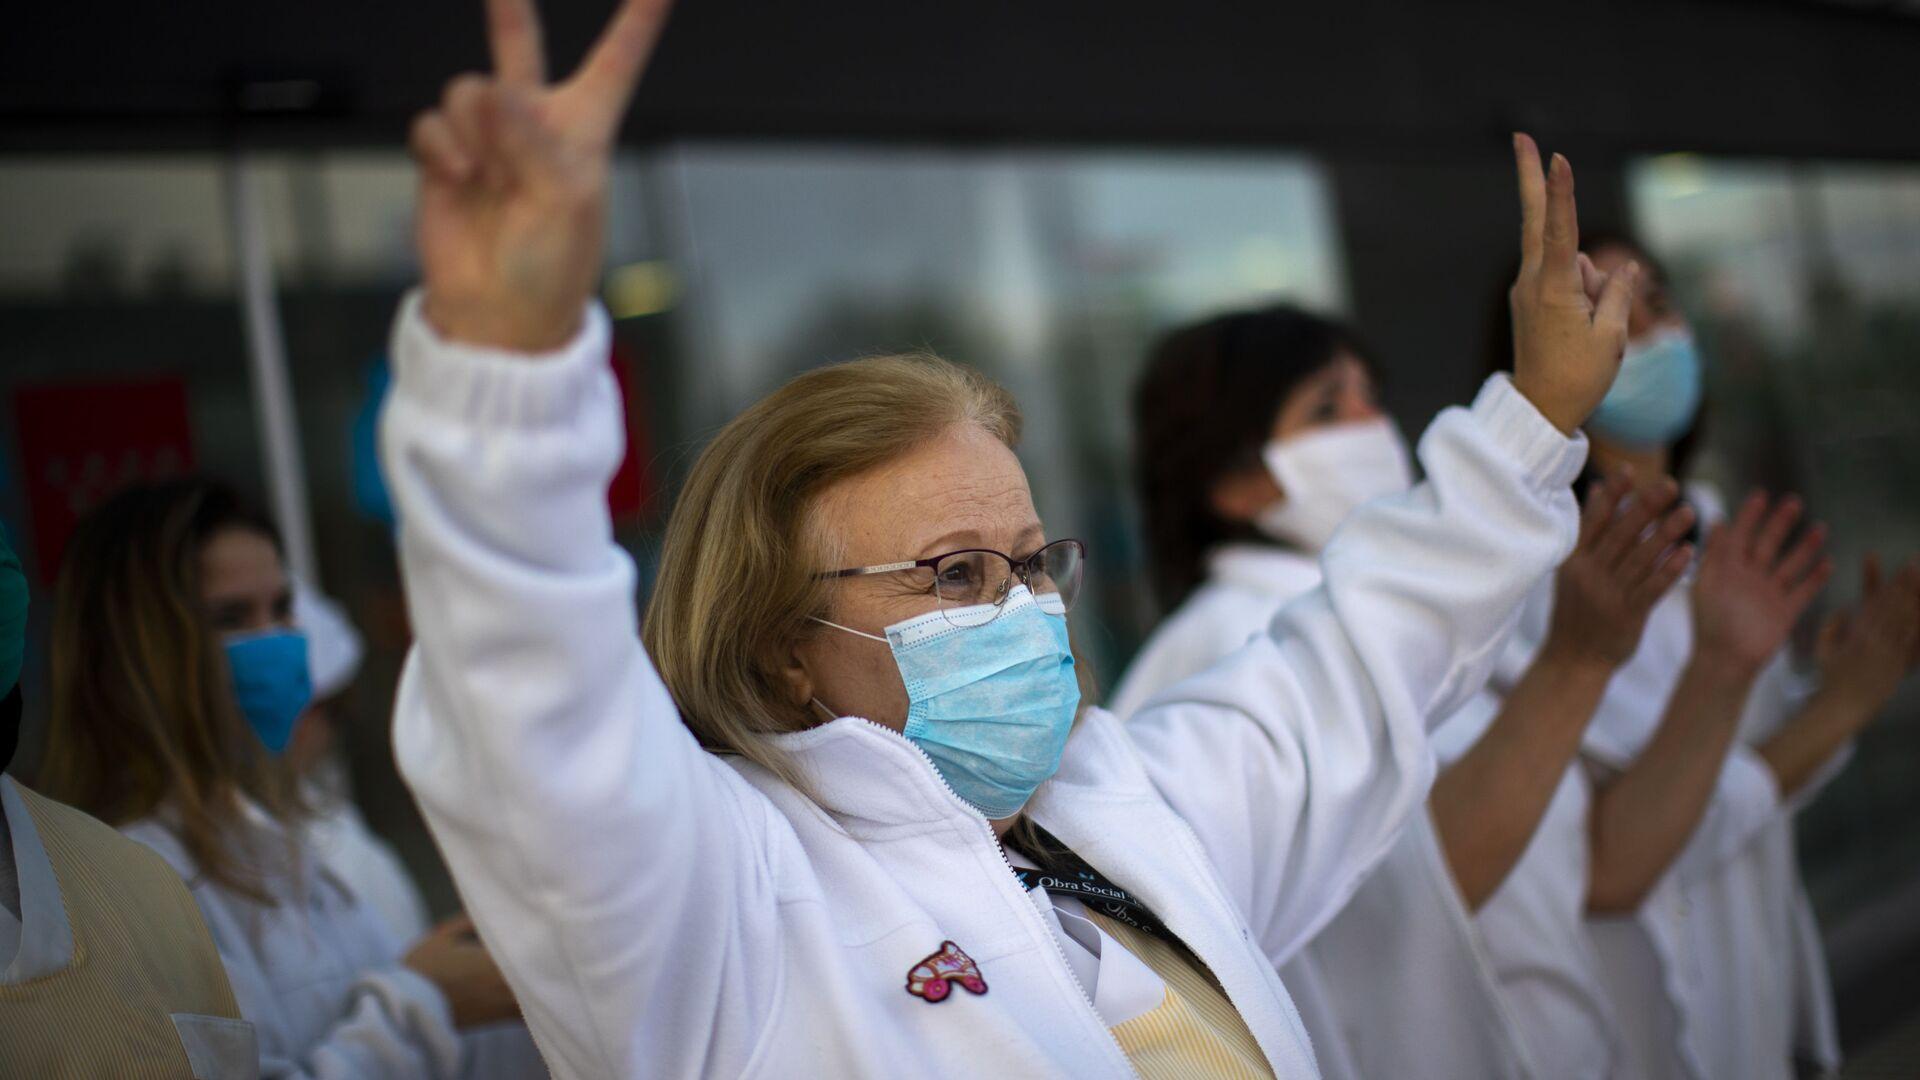 Trabajadora médica hace una señal de victoria en un gesto en apoyo al personal que está trabajando para vencer el brote del coronavirus SARS-CoV-2 en el hospital Puerta de Hierro en Majadahonda (España) - Sputnik Mundo, 1920, 16.09.2021